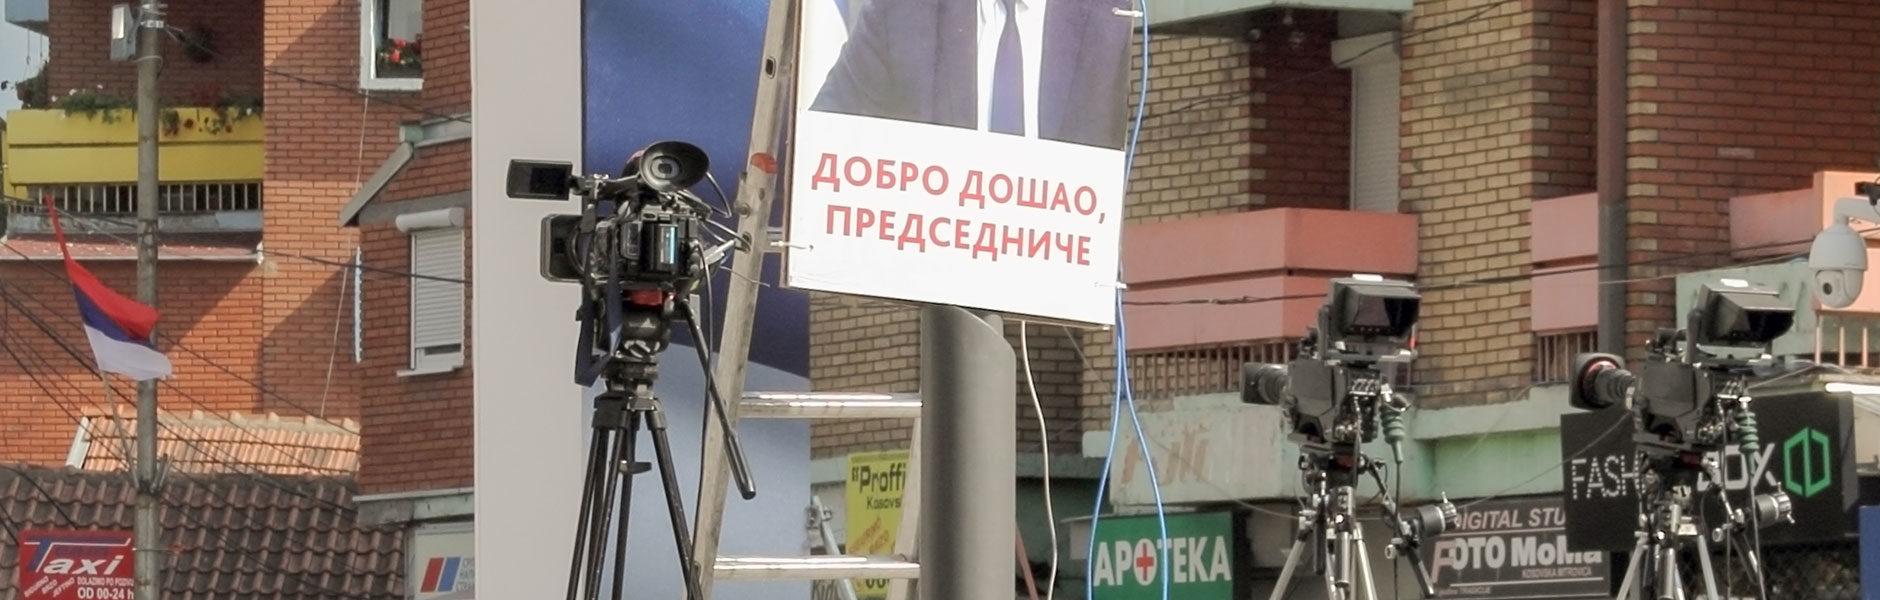 Šta su hibridni režimi i zašto je Srbija u toj grupi?